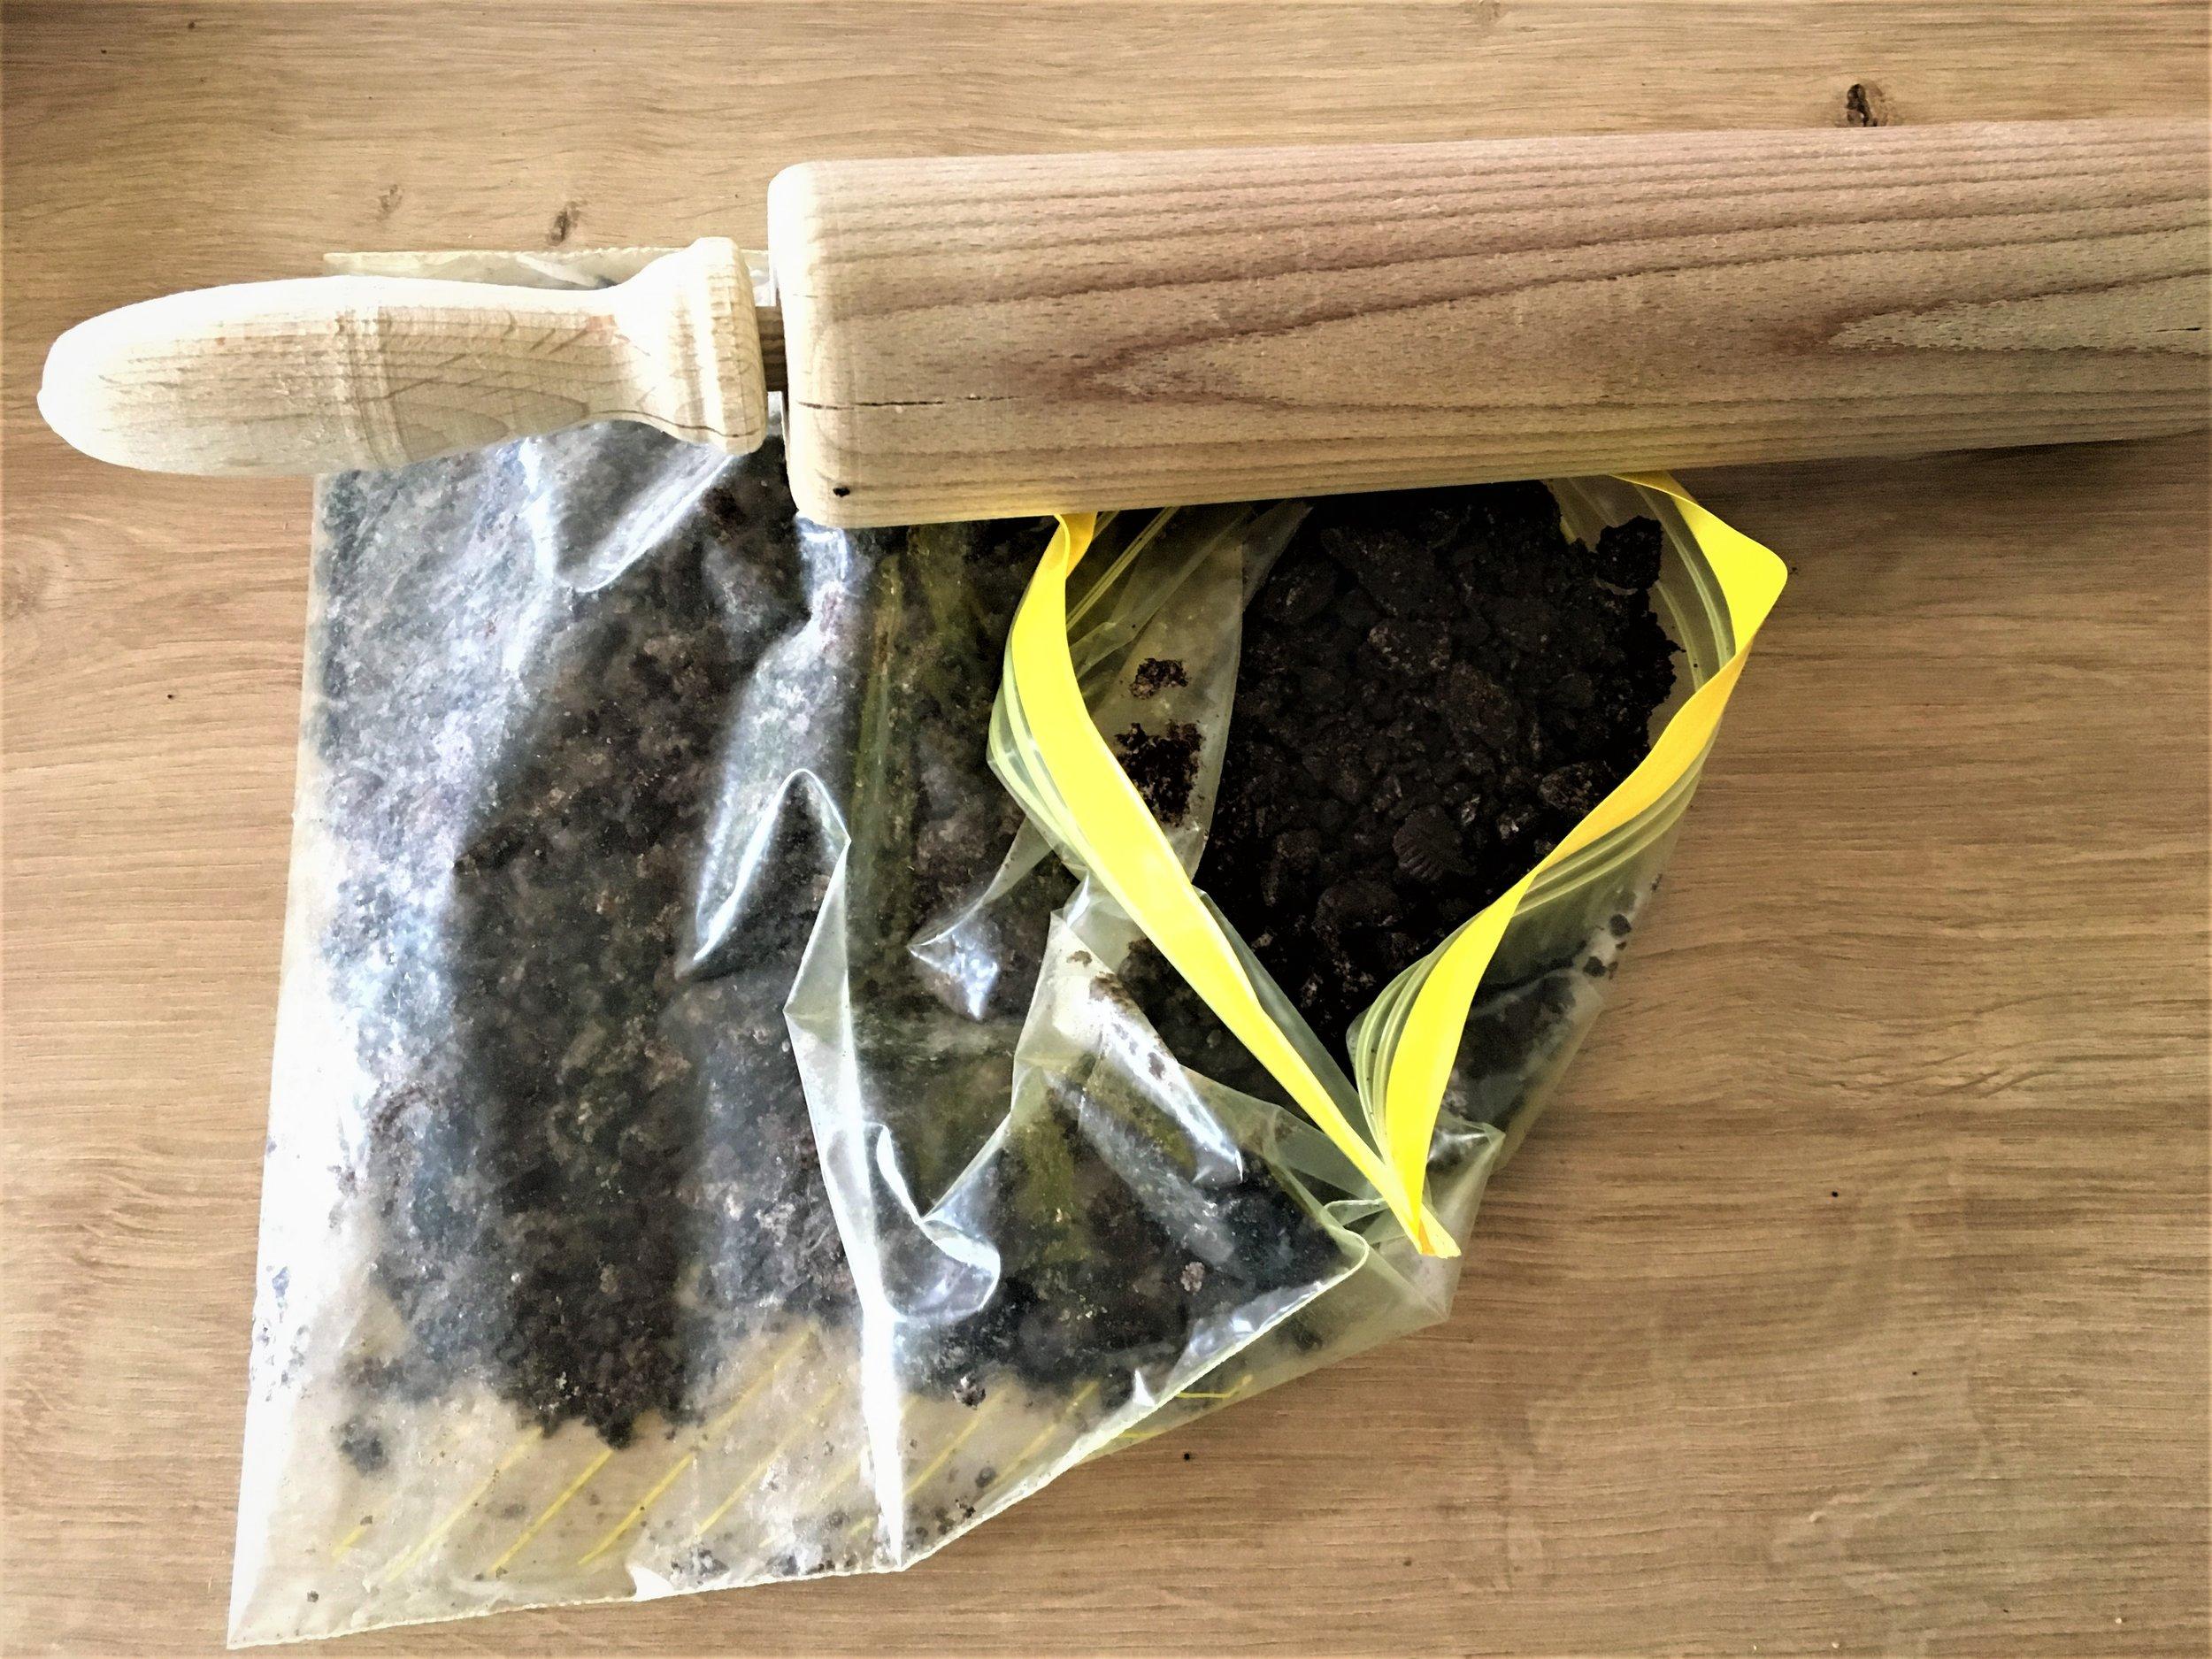 1. Réduire les Oreo en poudre et mélanger avec le beurre.